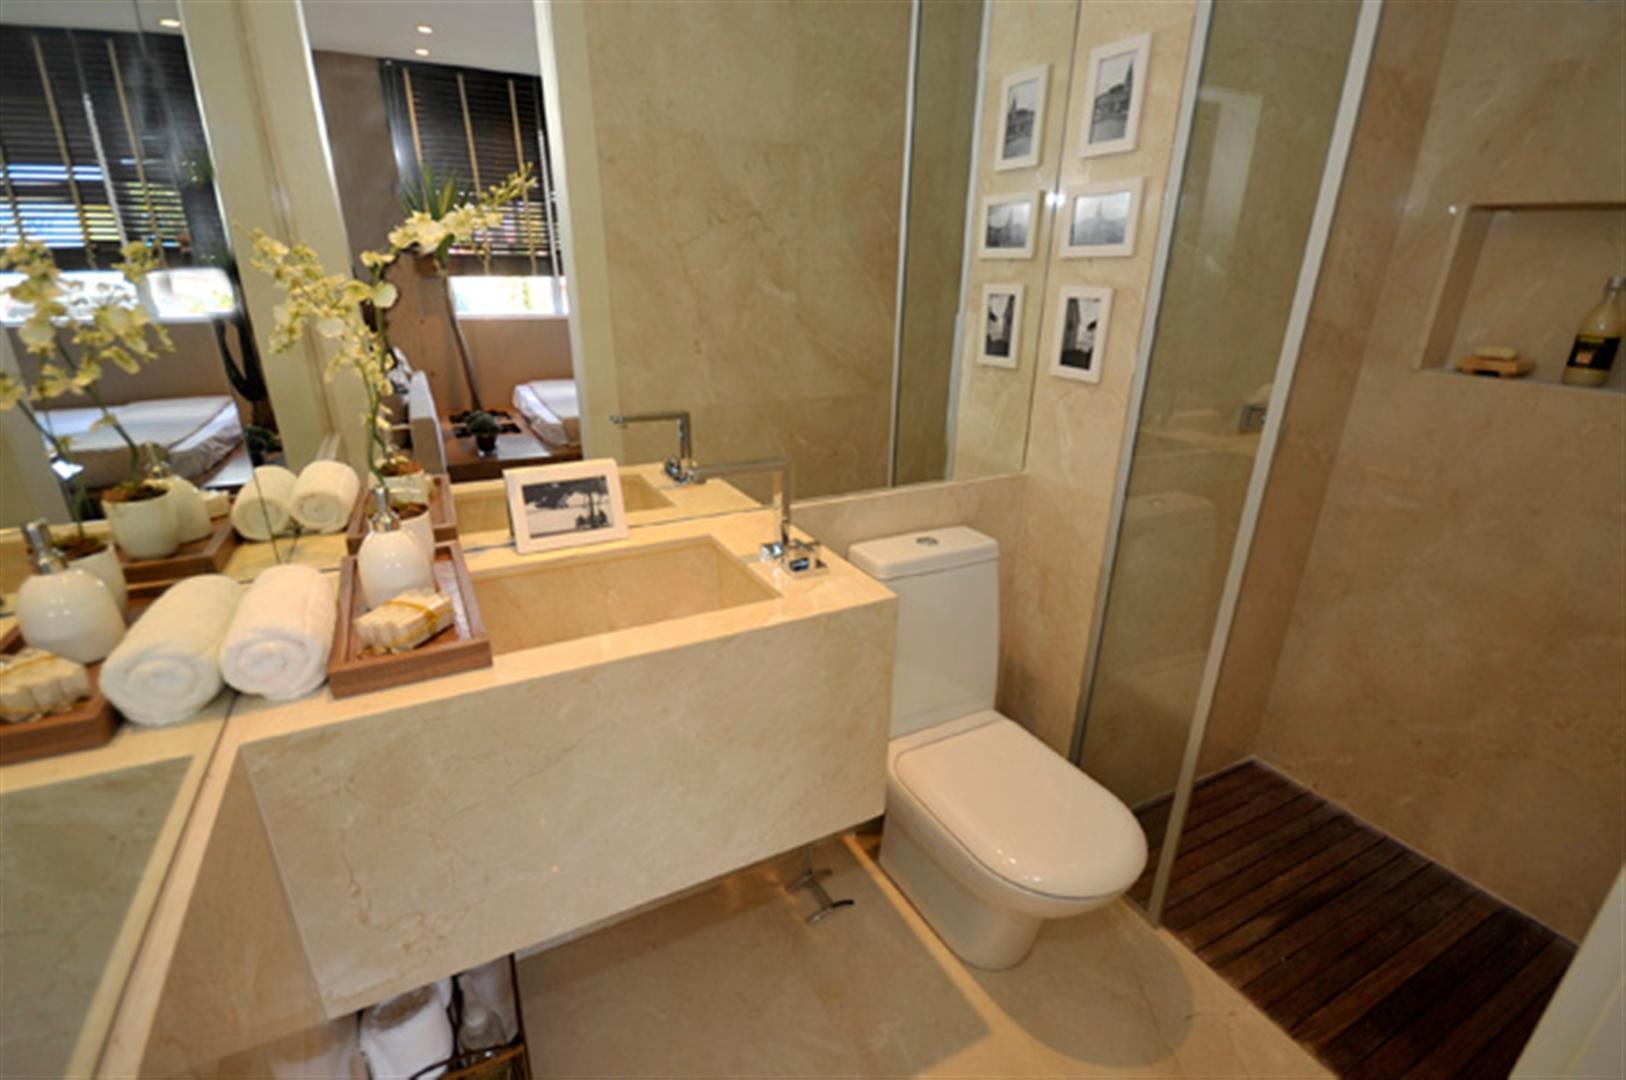 apartamento mandarim belem apartamento decorado apartamento 50 m 9  #986E33 1626x1080 Banheiro Apartamento Decorado